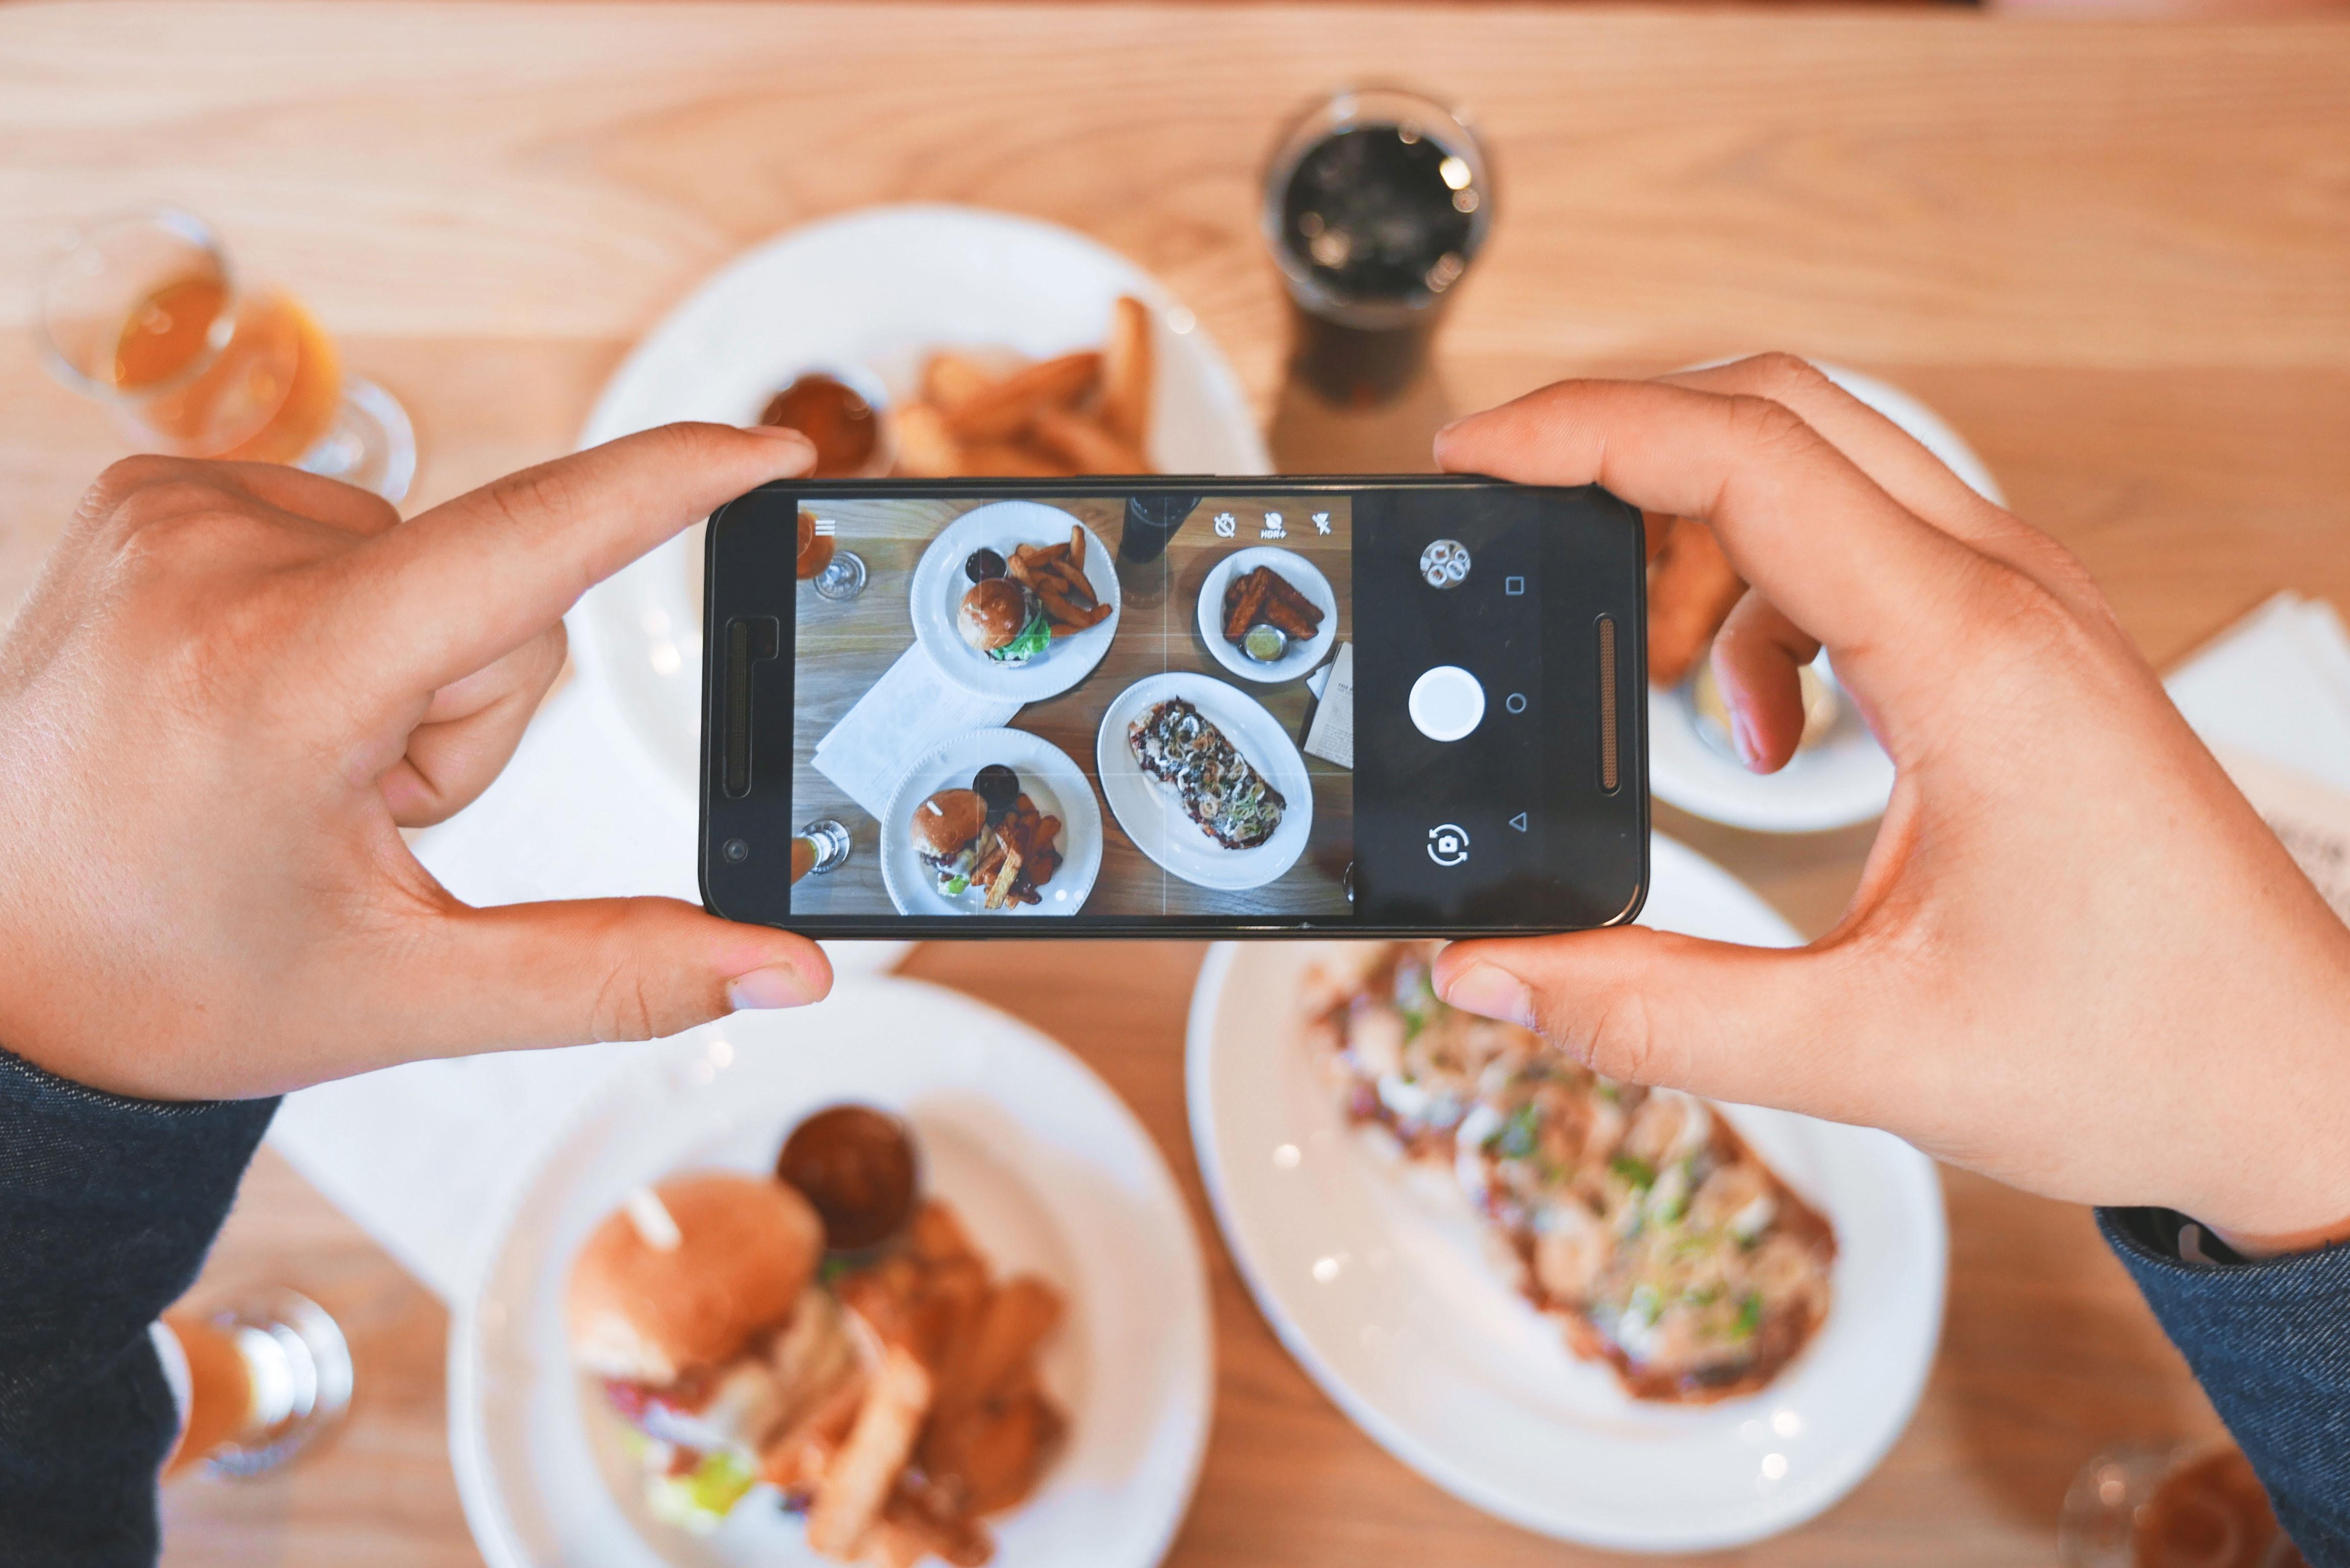 как фотографировать еду для инстаграмма пластиковый